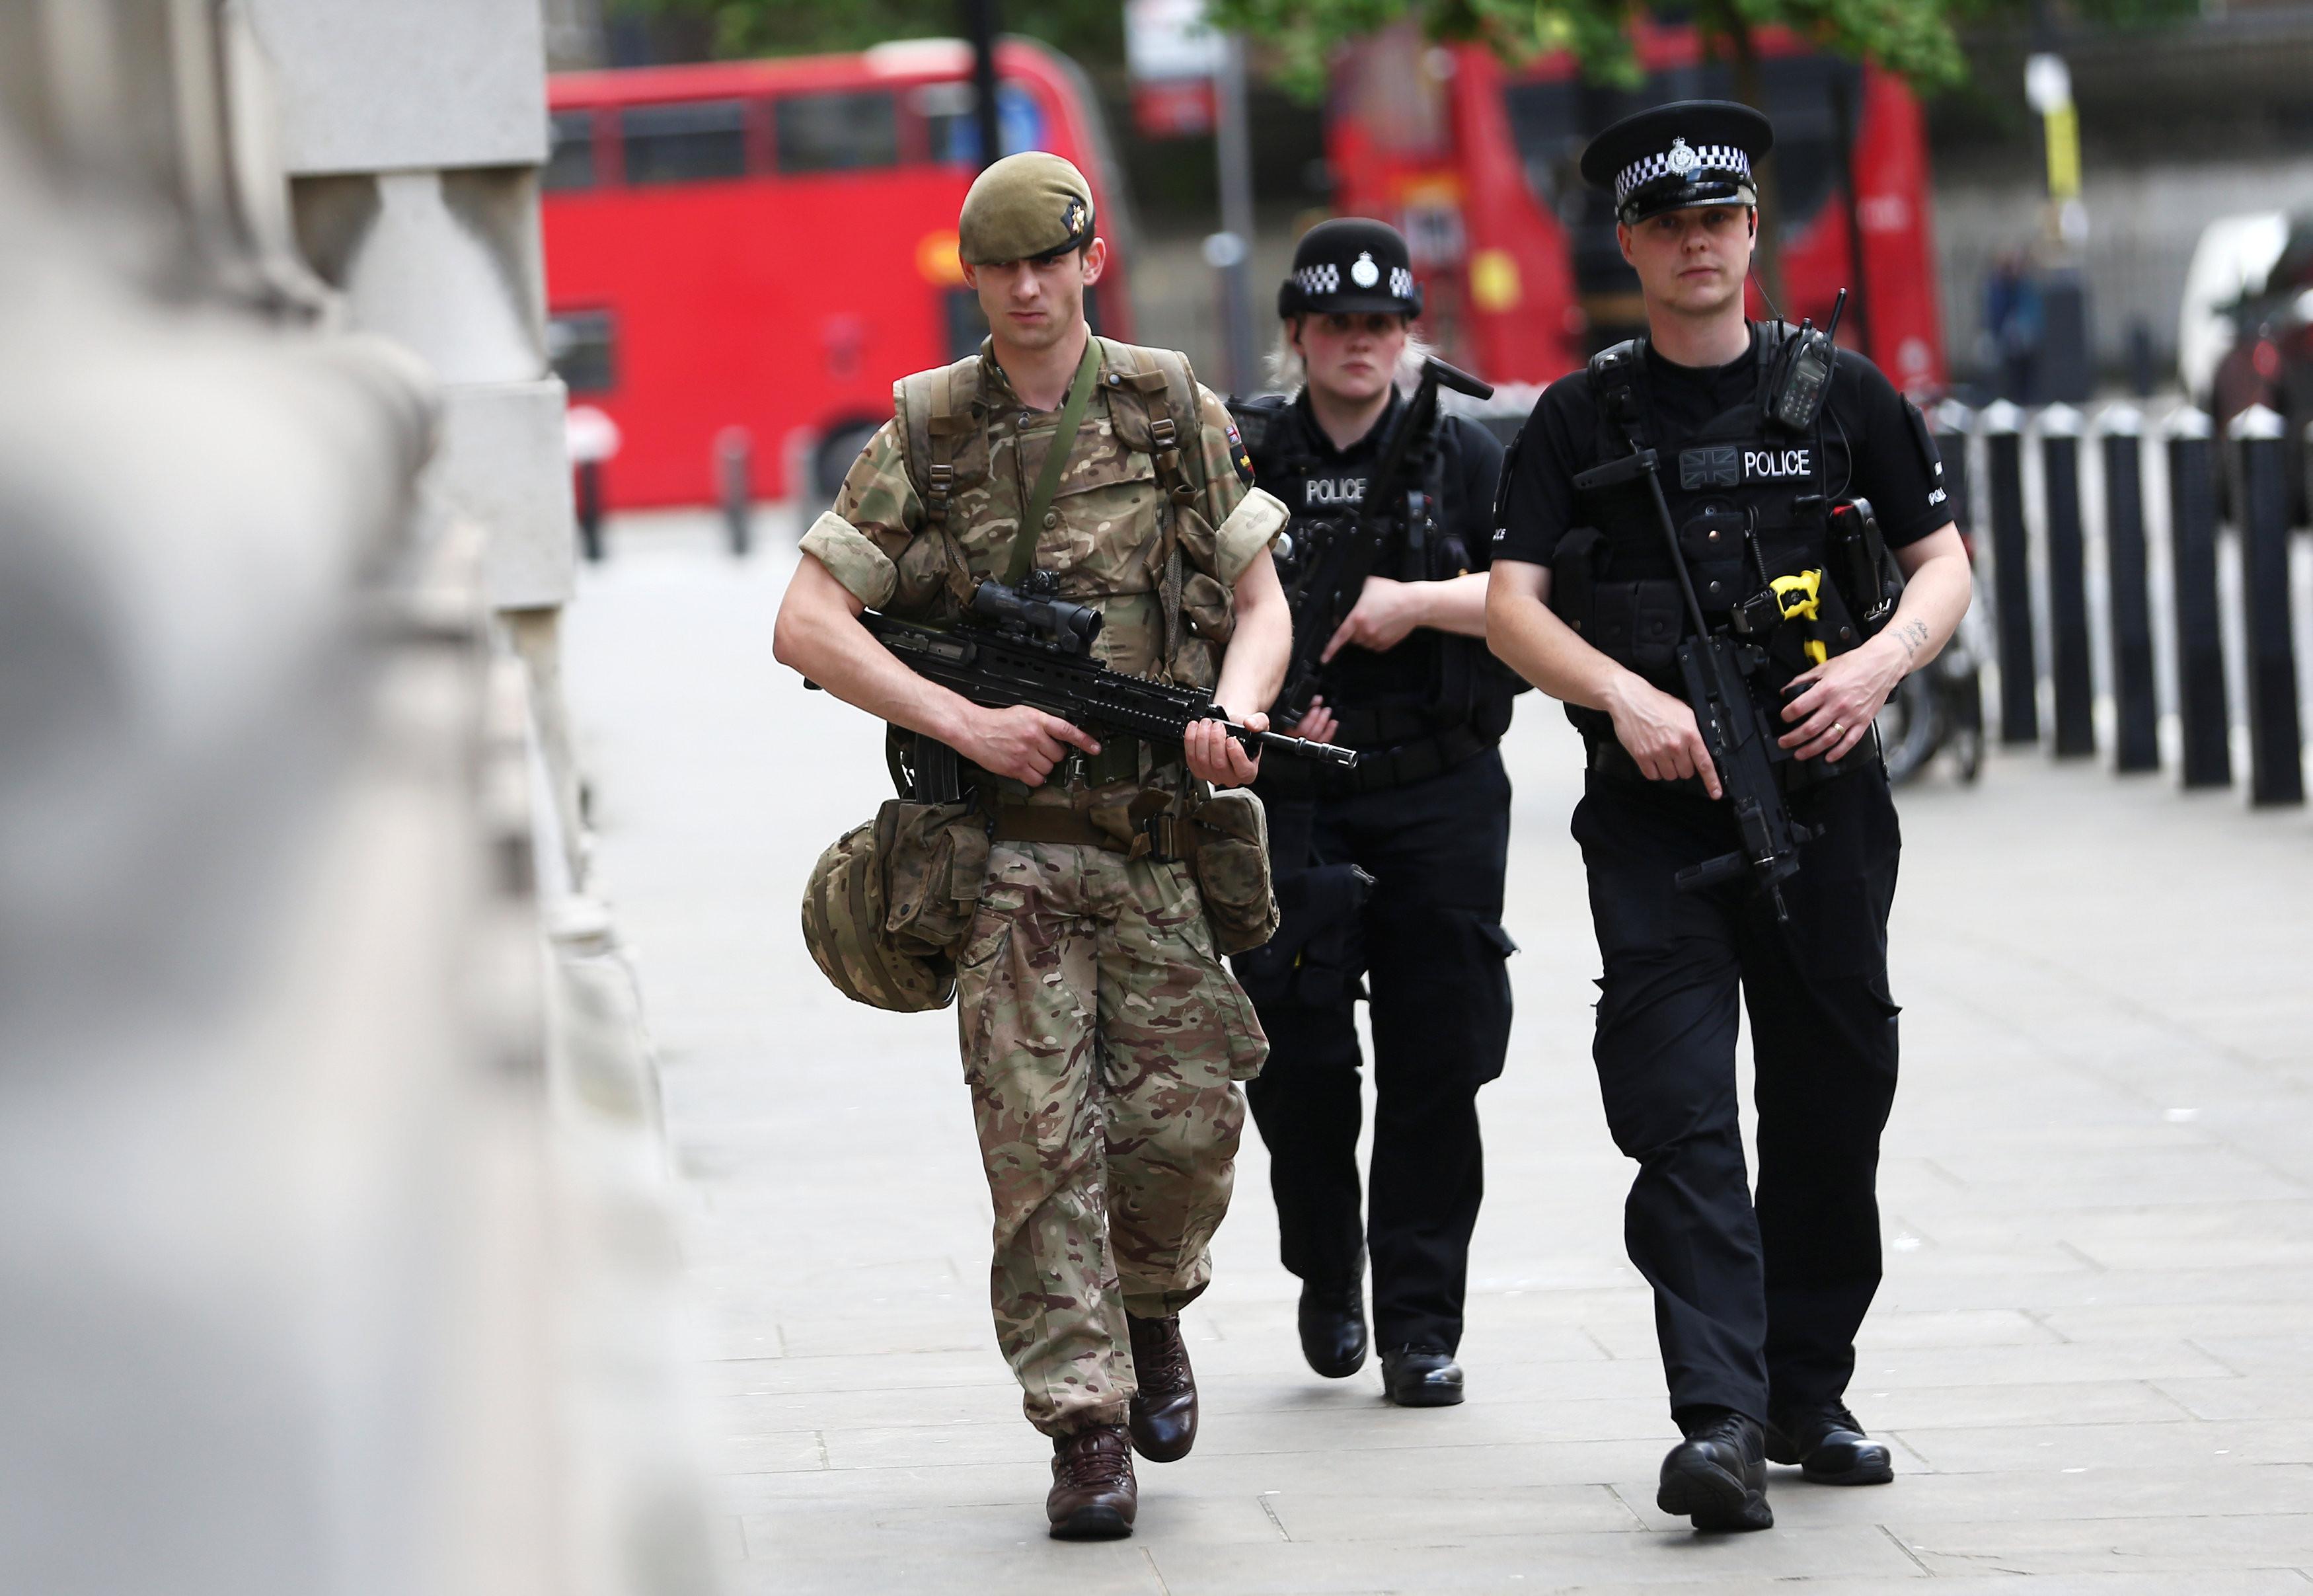 <p>Военнослужащий и полиция Лондона. Фото:&nbsp;<span>REUTERS/Neil Hall</span></p>